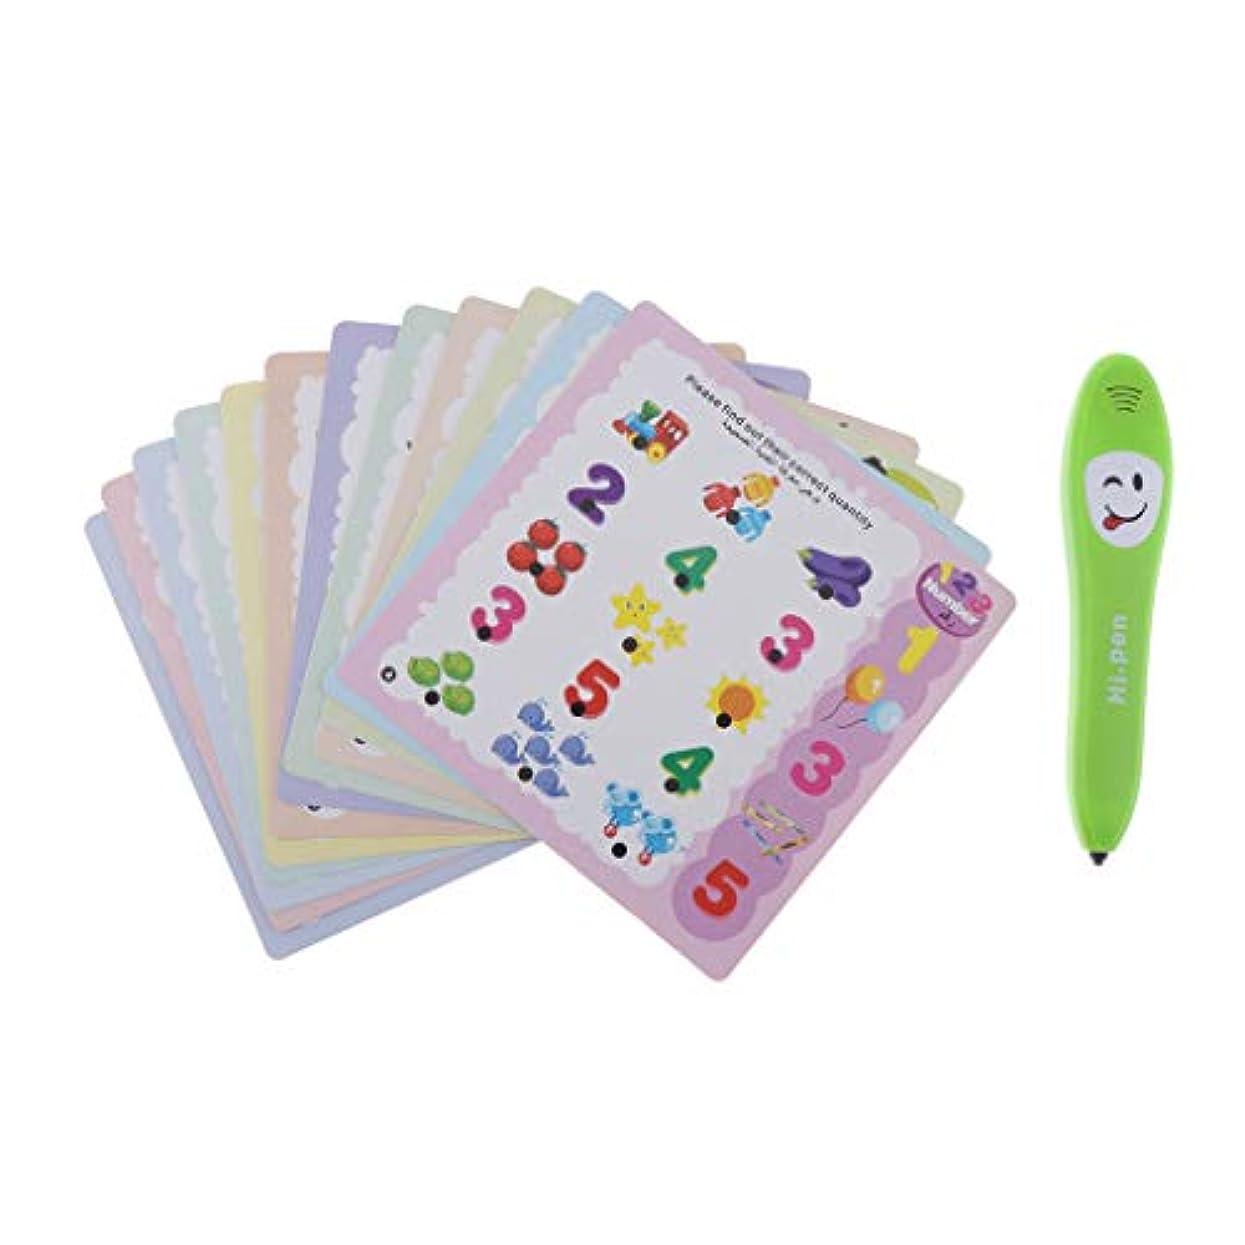 モットー鉄道駅うまくやる()読書ペン 12枚カード 幼児向け 学習玩具